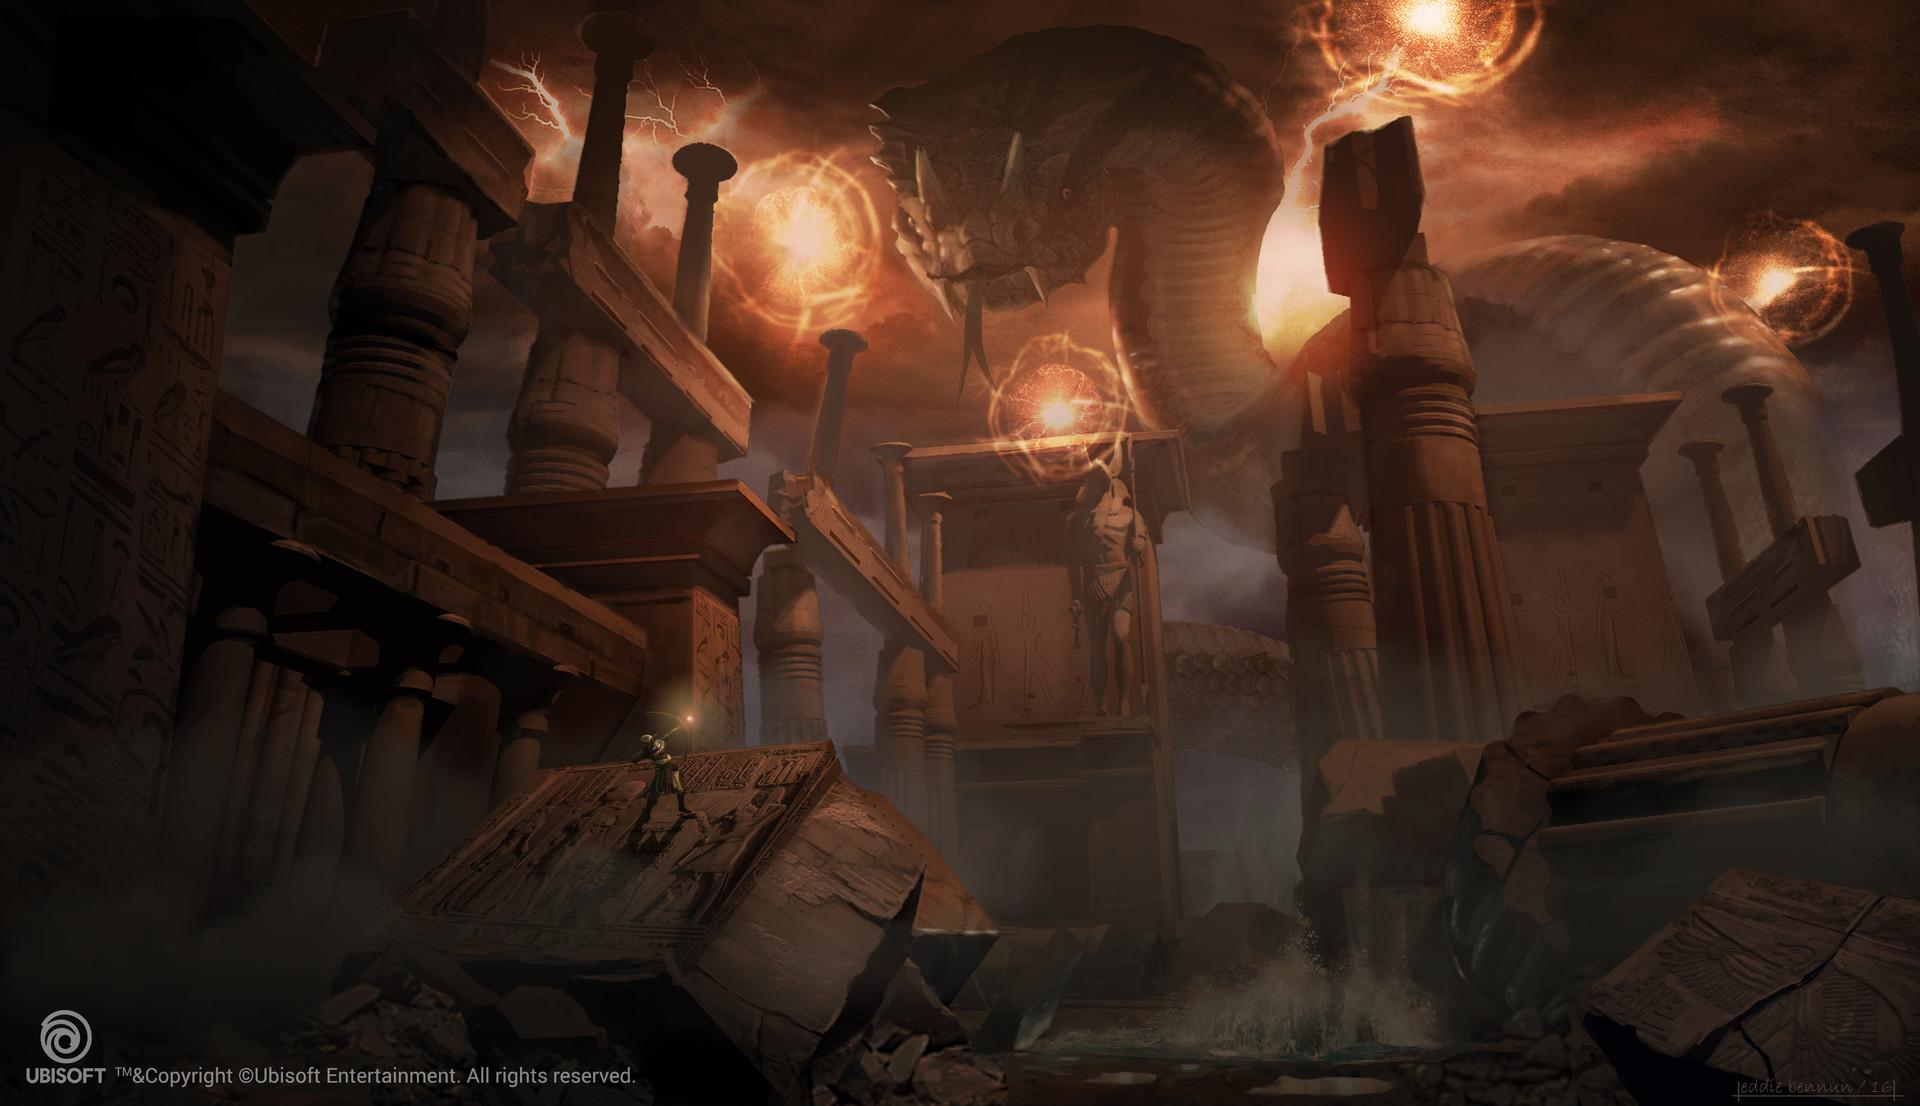 ArtStation Masterclasses 2 Spotlight: Eddie Bennun